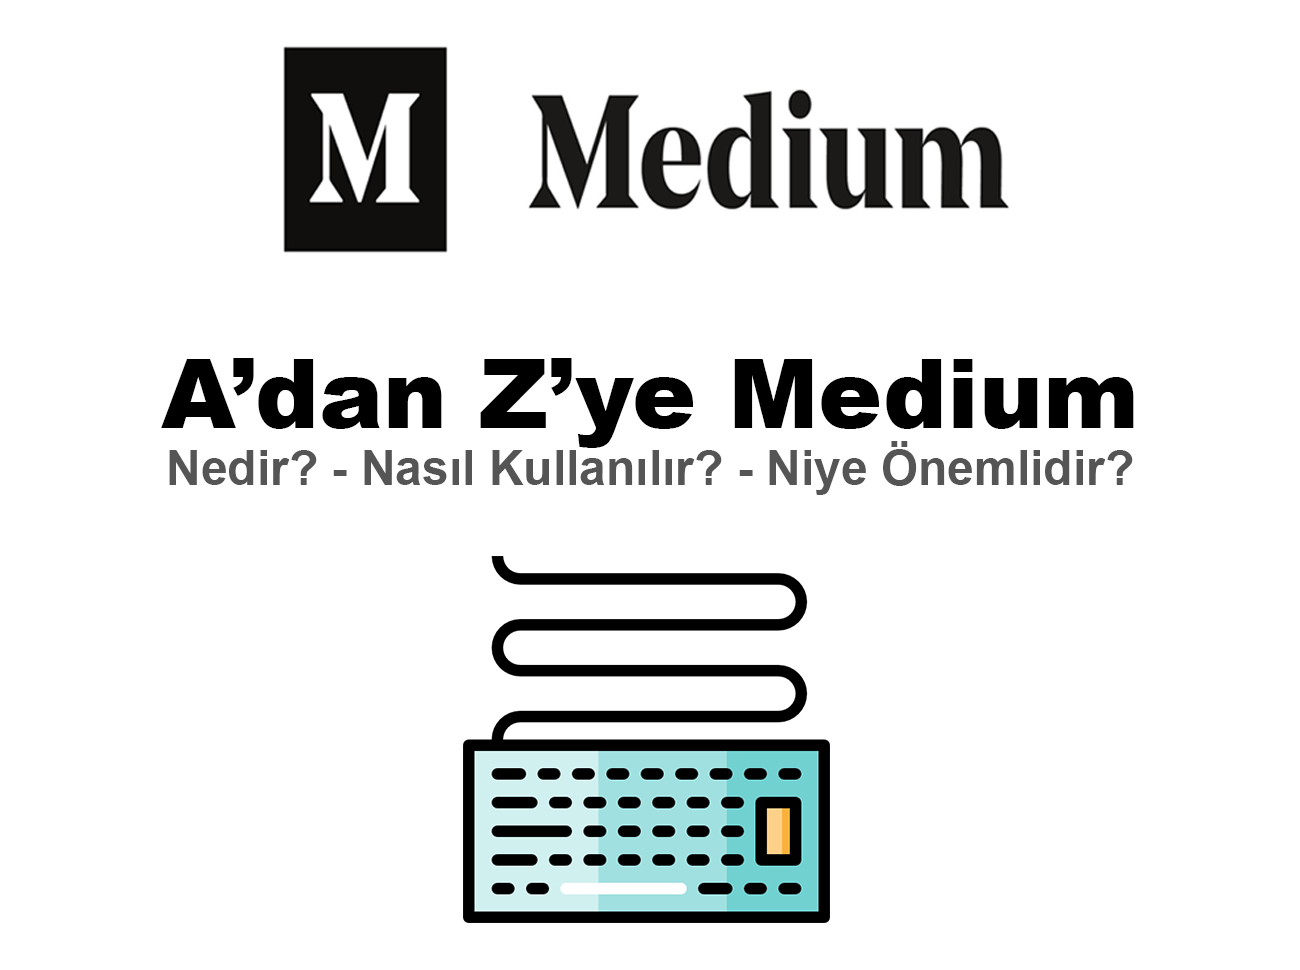 Medium Nedir? Nasıl Kullanılır? Niye Önemlidir?